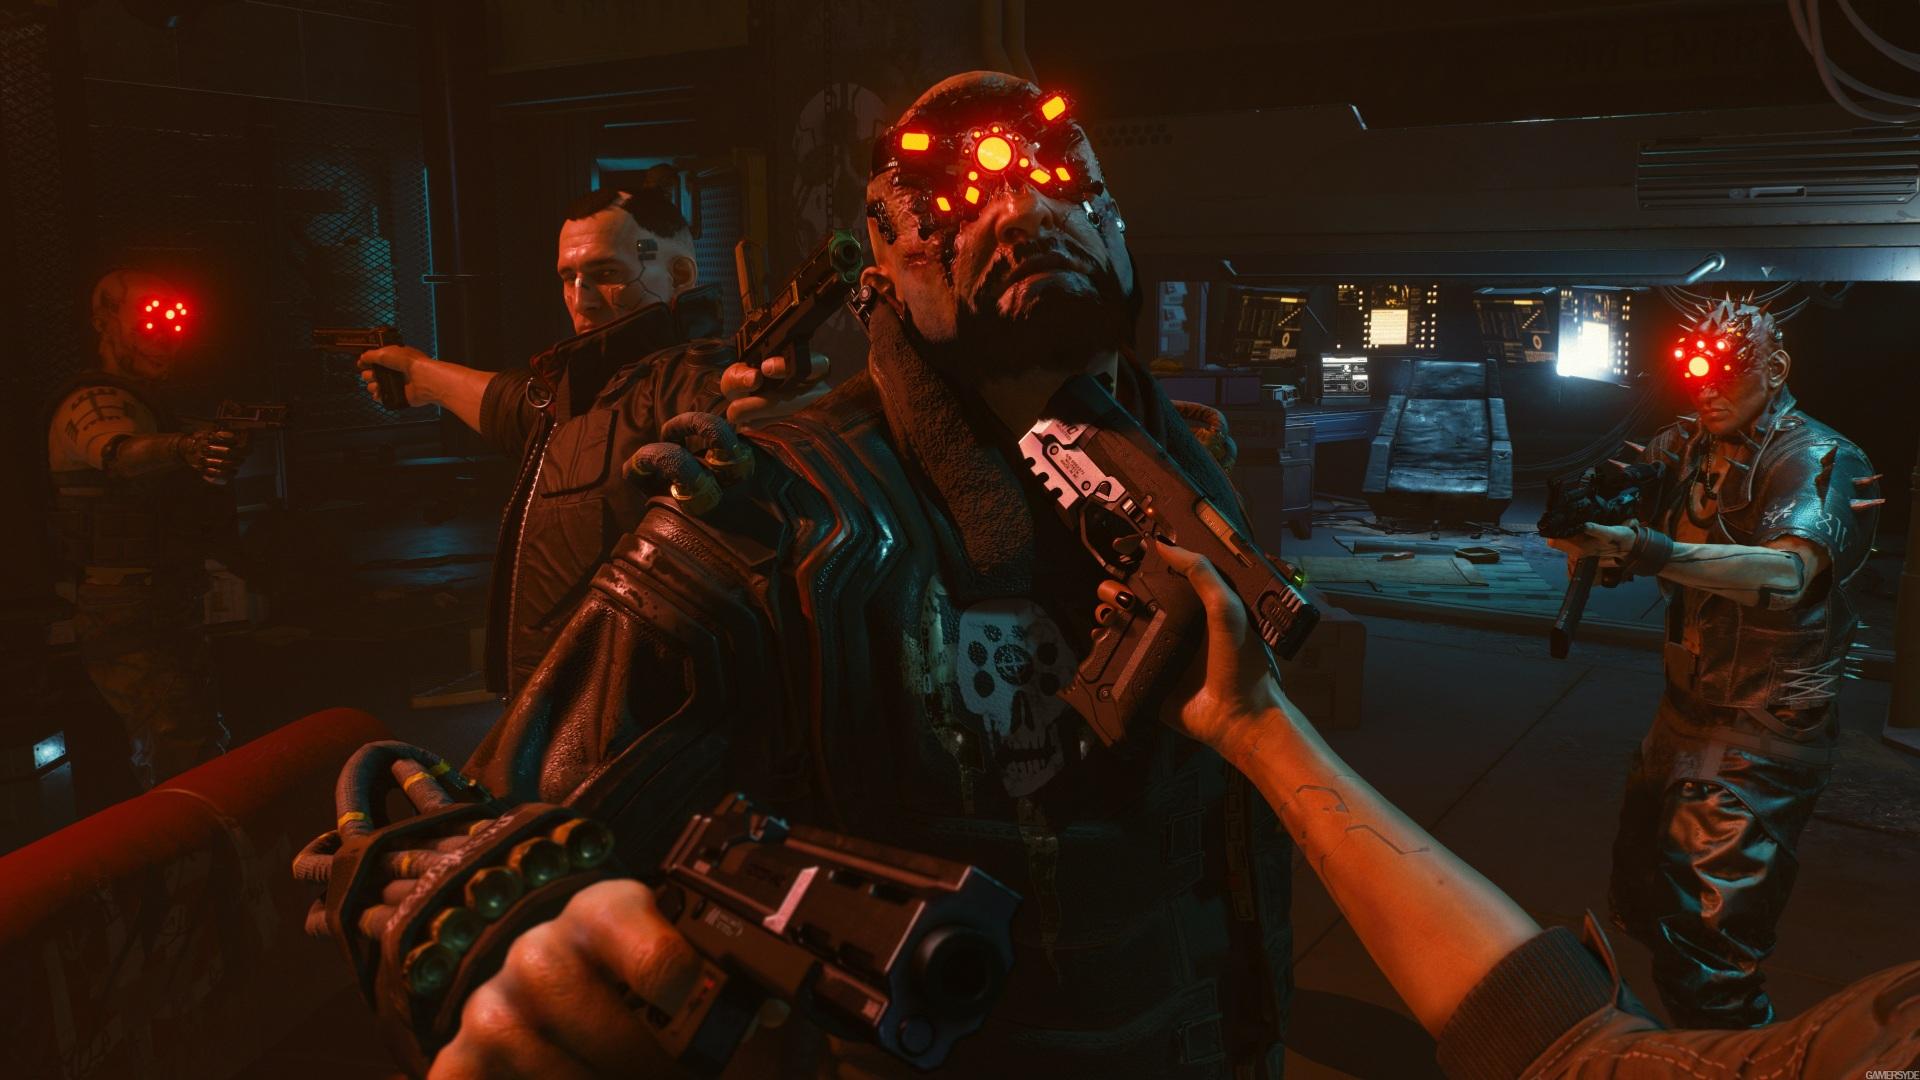 Fondos De Pantalla 1920x1080 Cyberpunk 2077 Pistola Mano